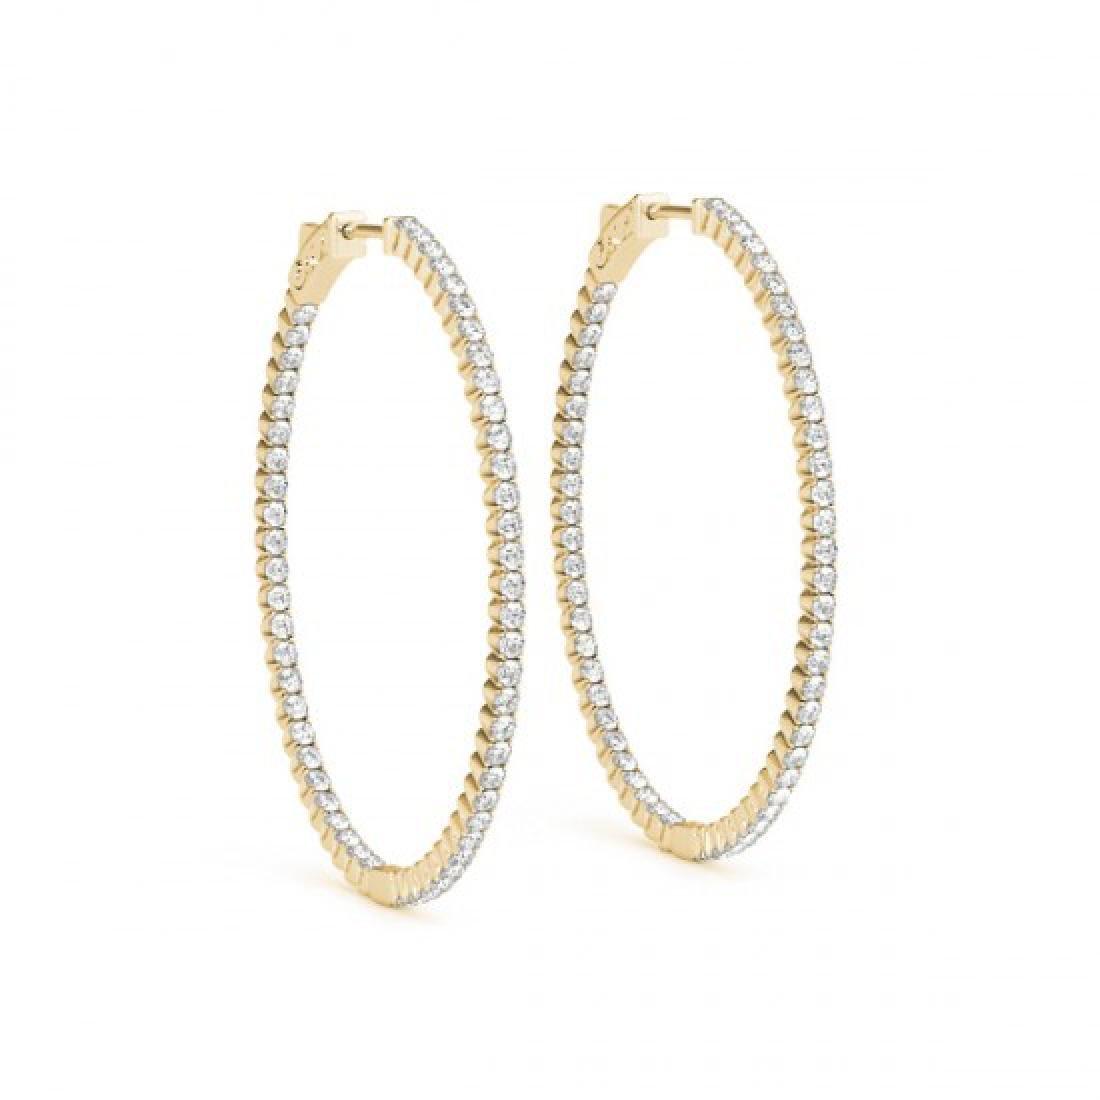 2.75 CTW Diamond VS/SI Certified 28 Mm Hoop Earrings - 2